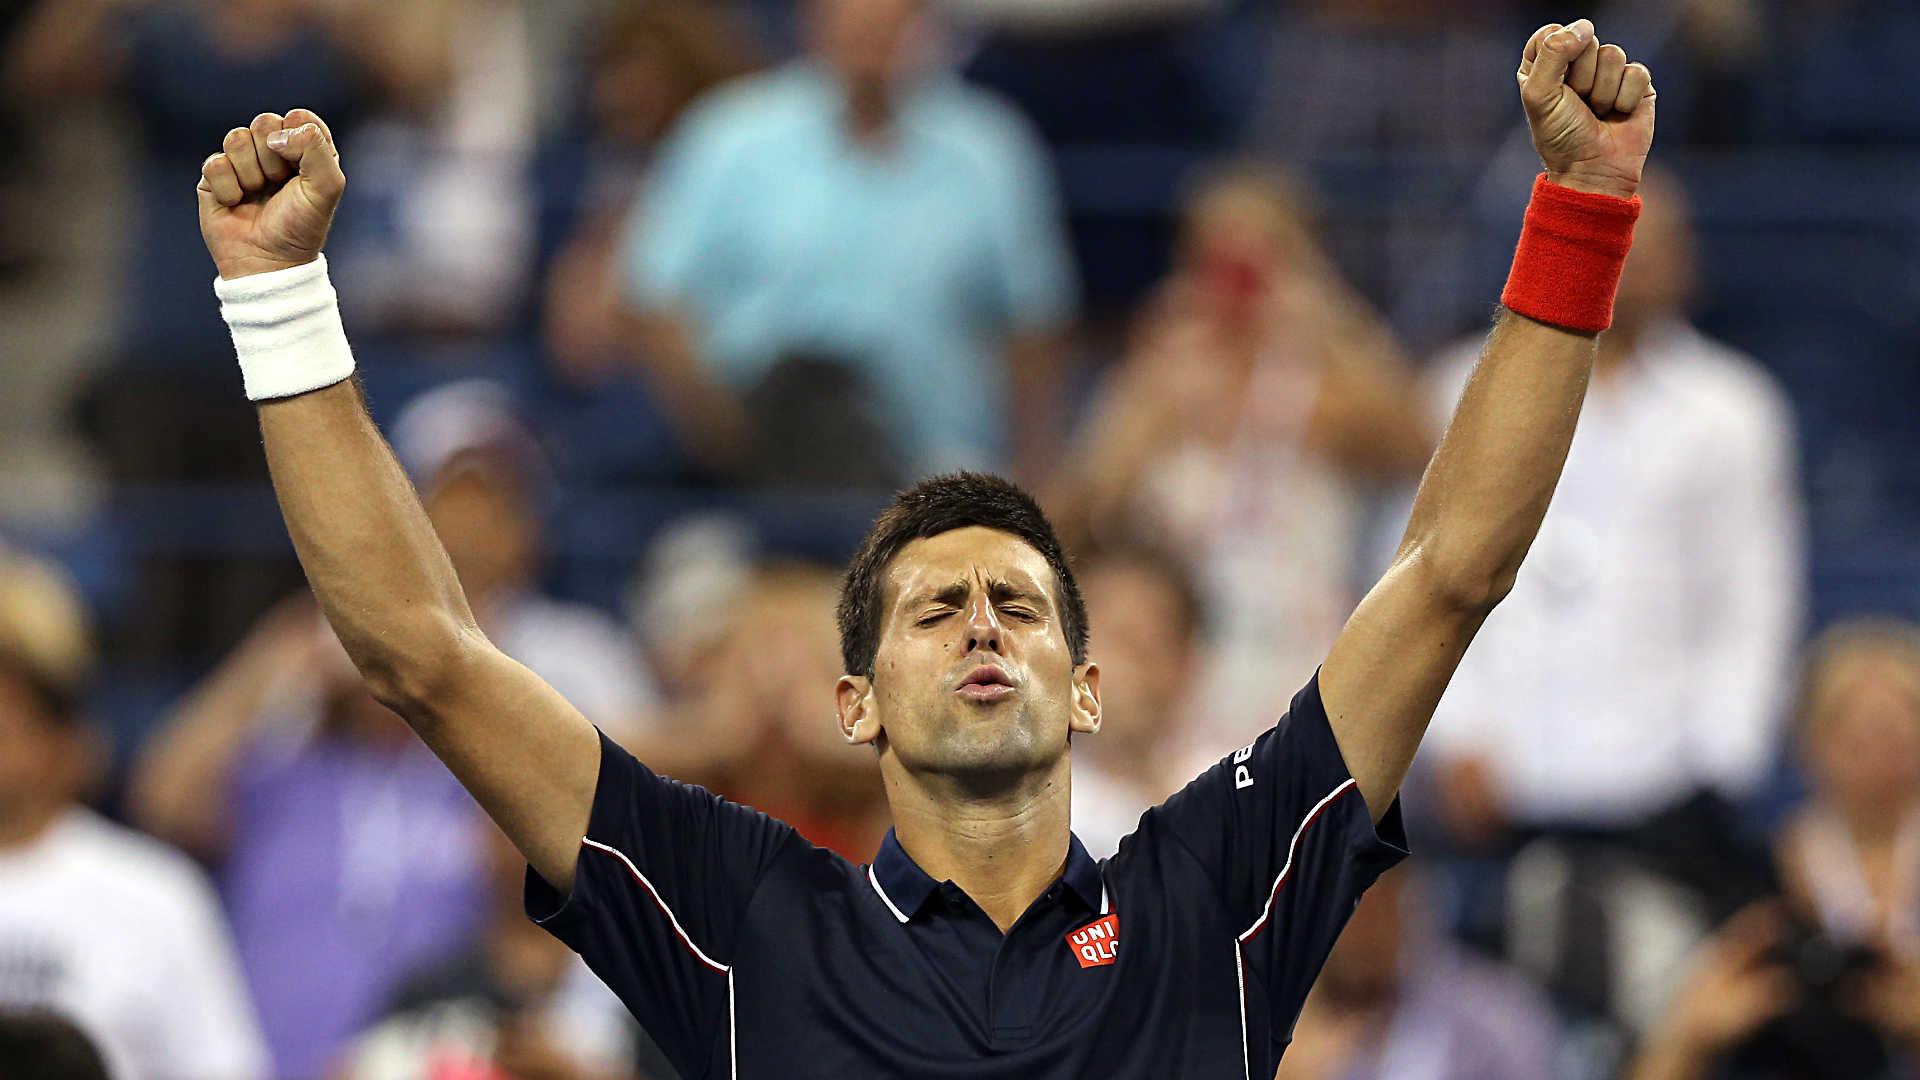 Novak-Djokovic-090314-Getty-FTR.jpg